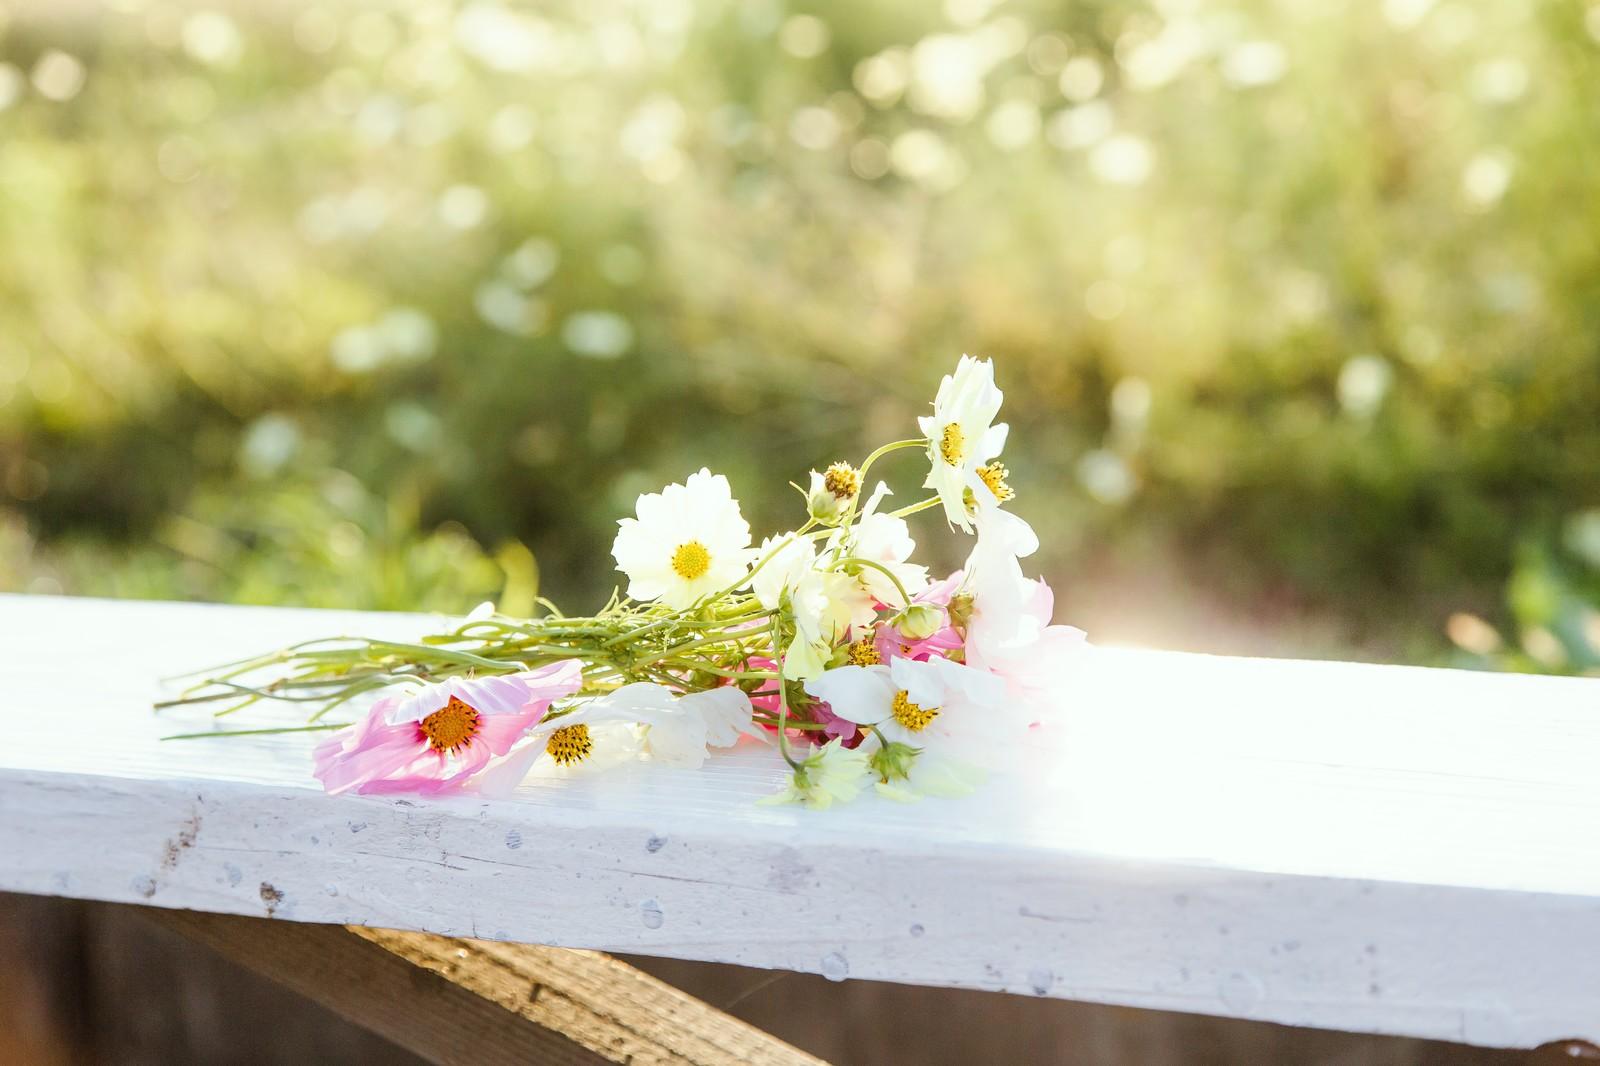 結婚式に出席する際に必要なもの、準備するものリスト~男性編